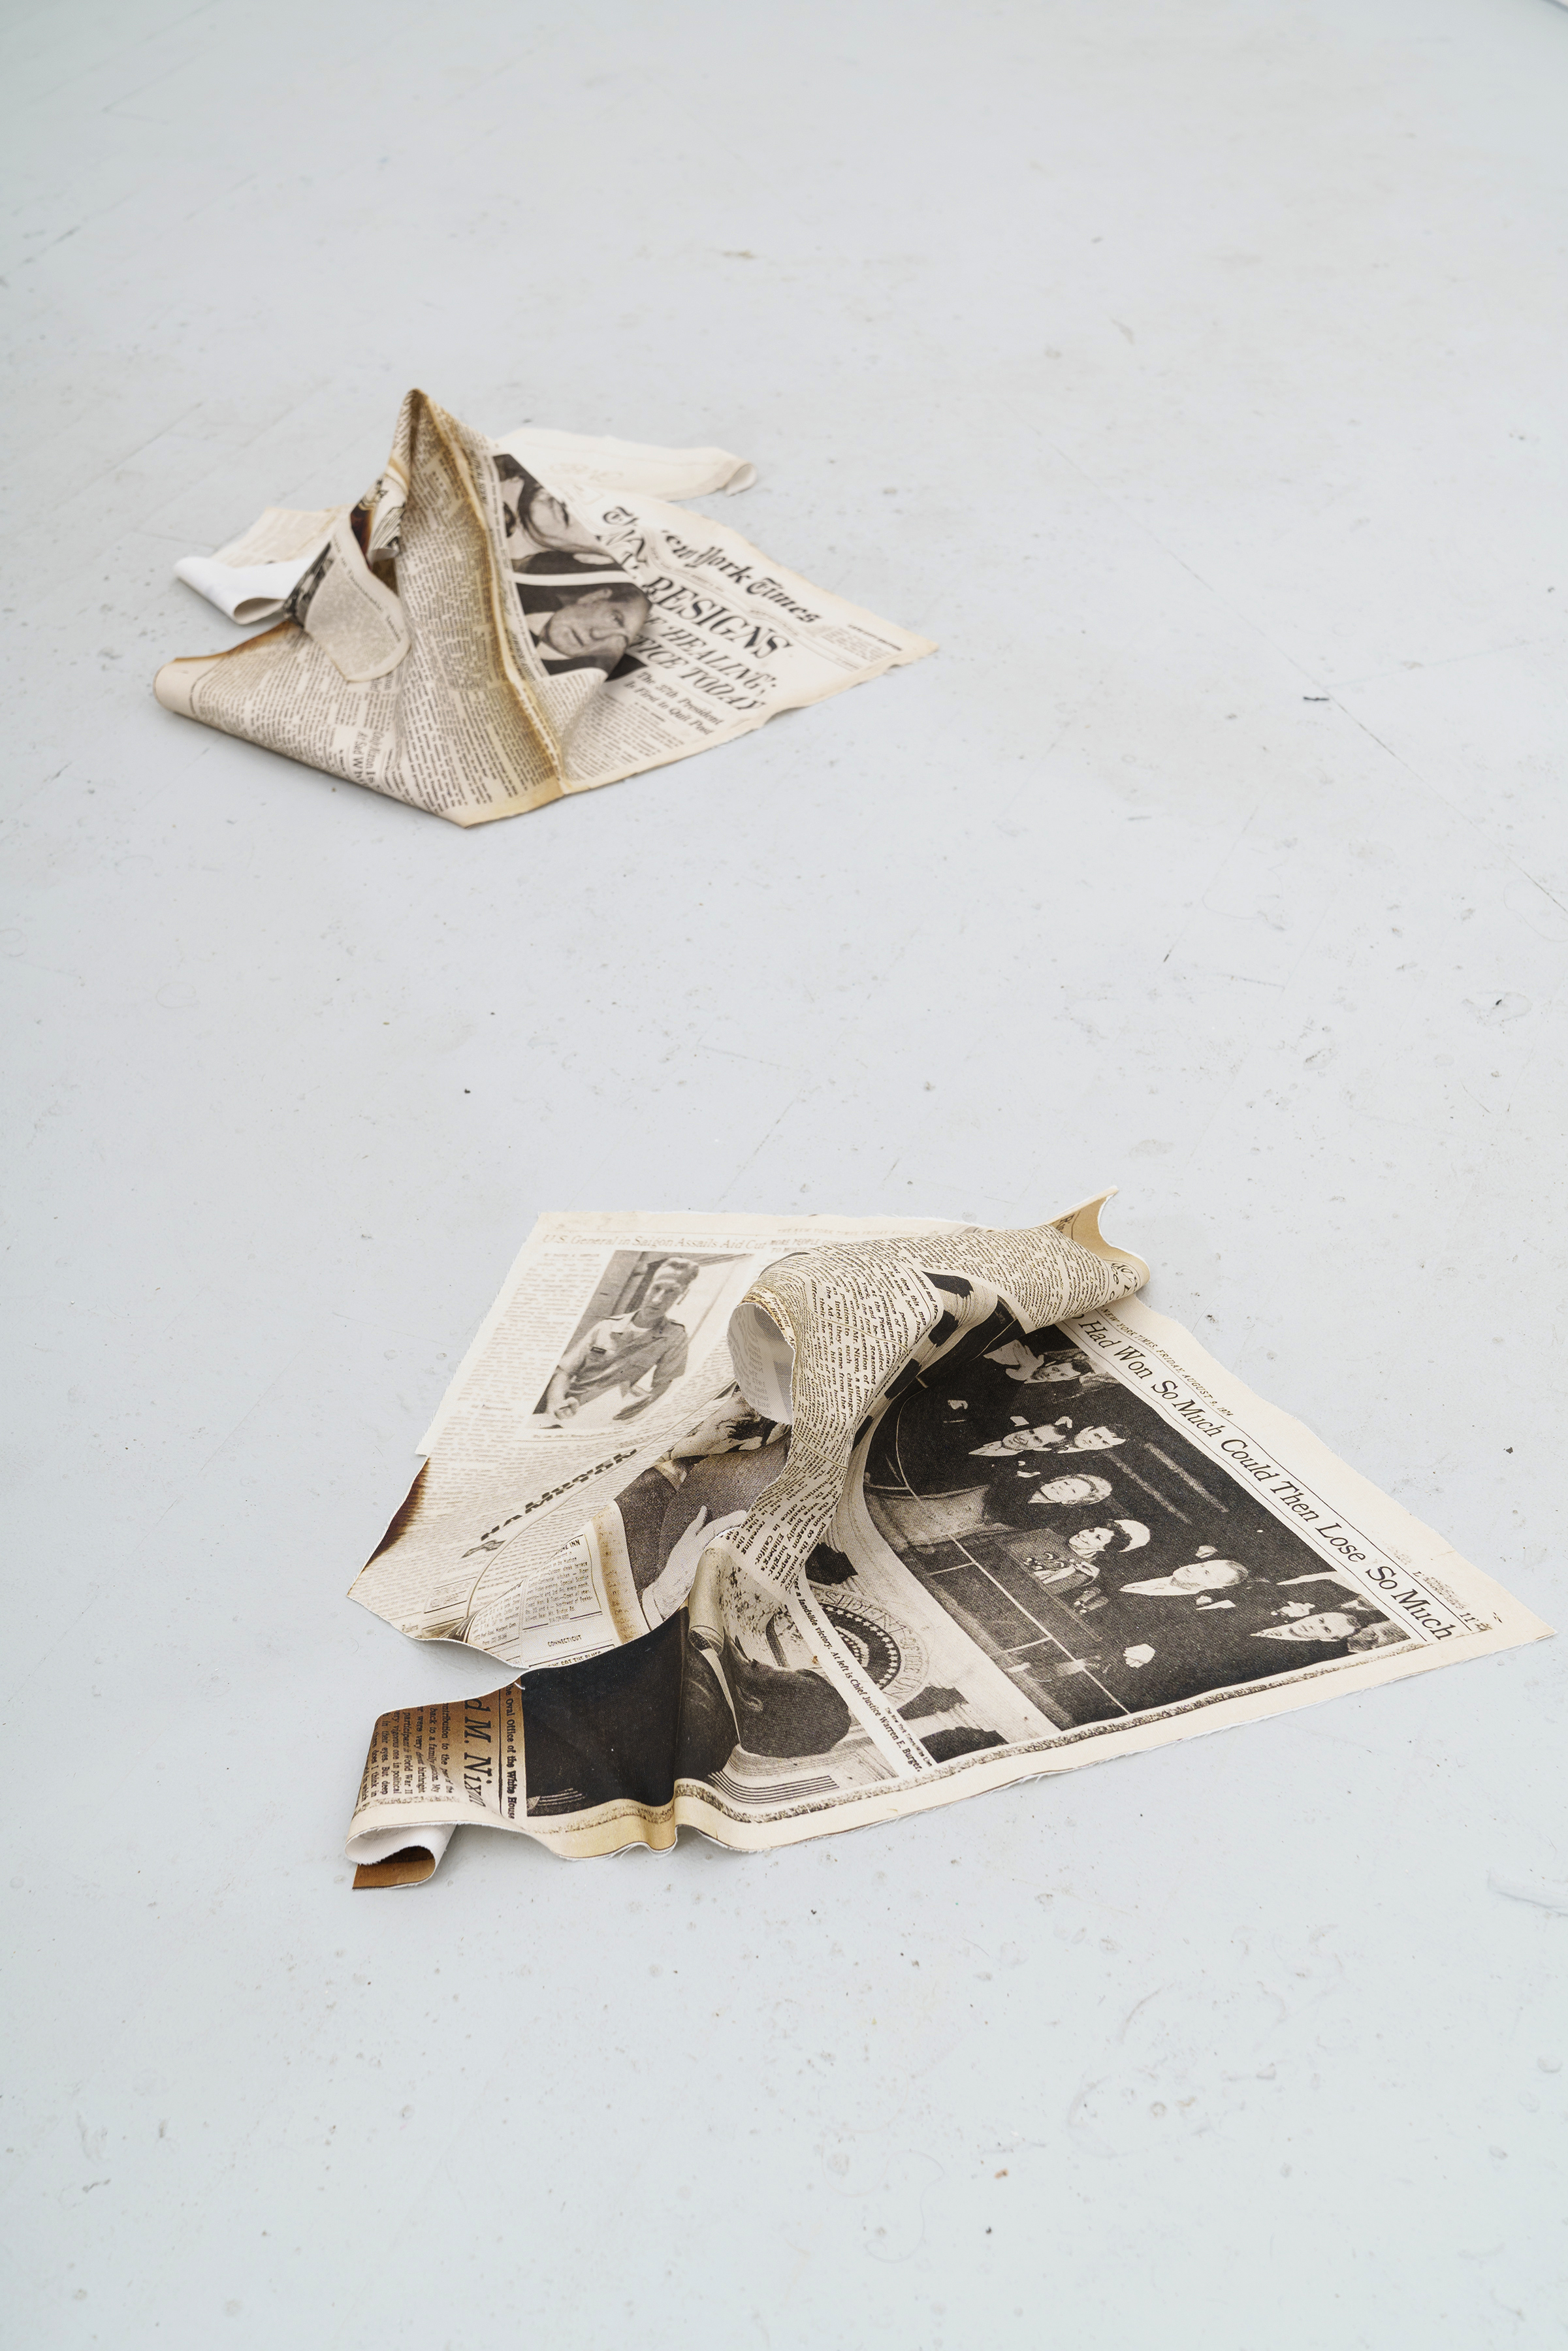 Nixon Paper Piles